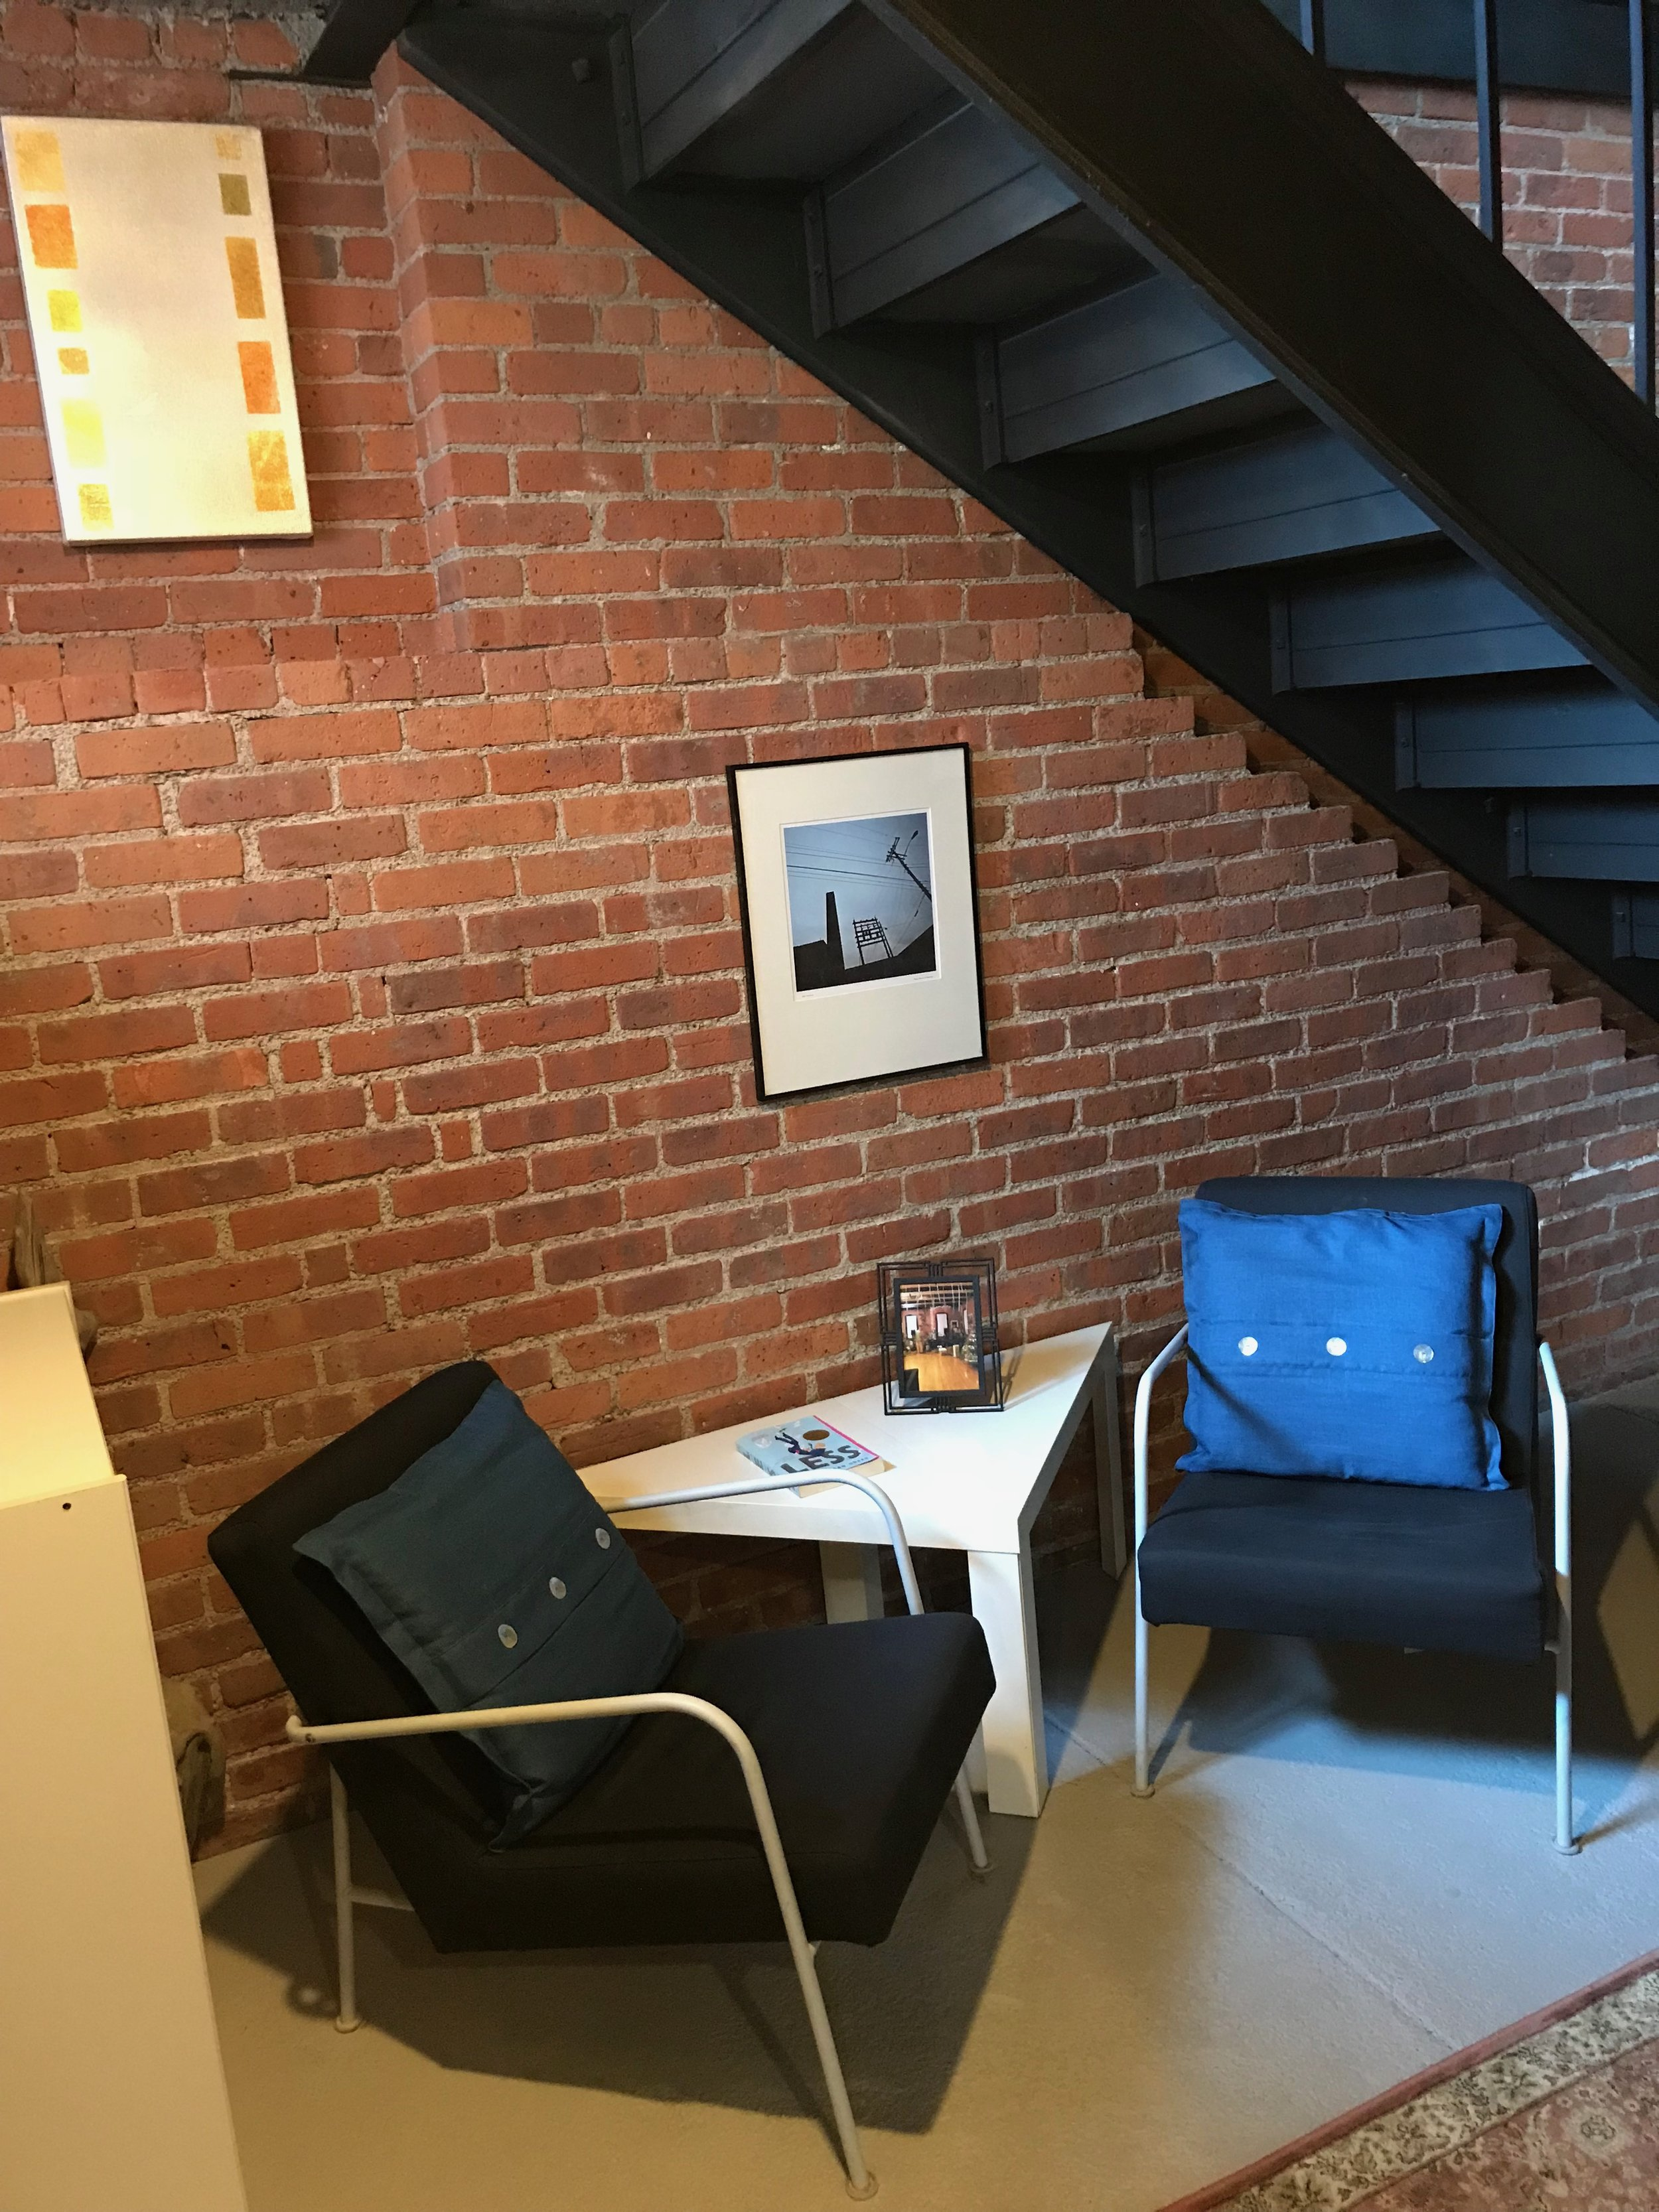 telelphone  building chair under stairs.jpg